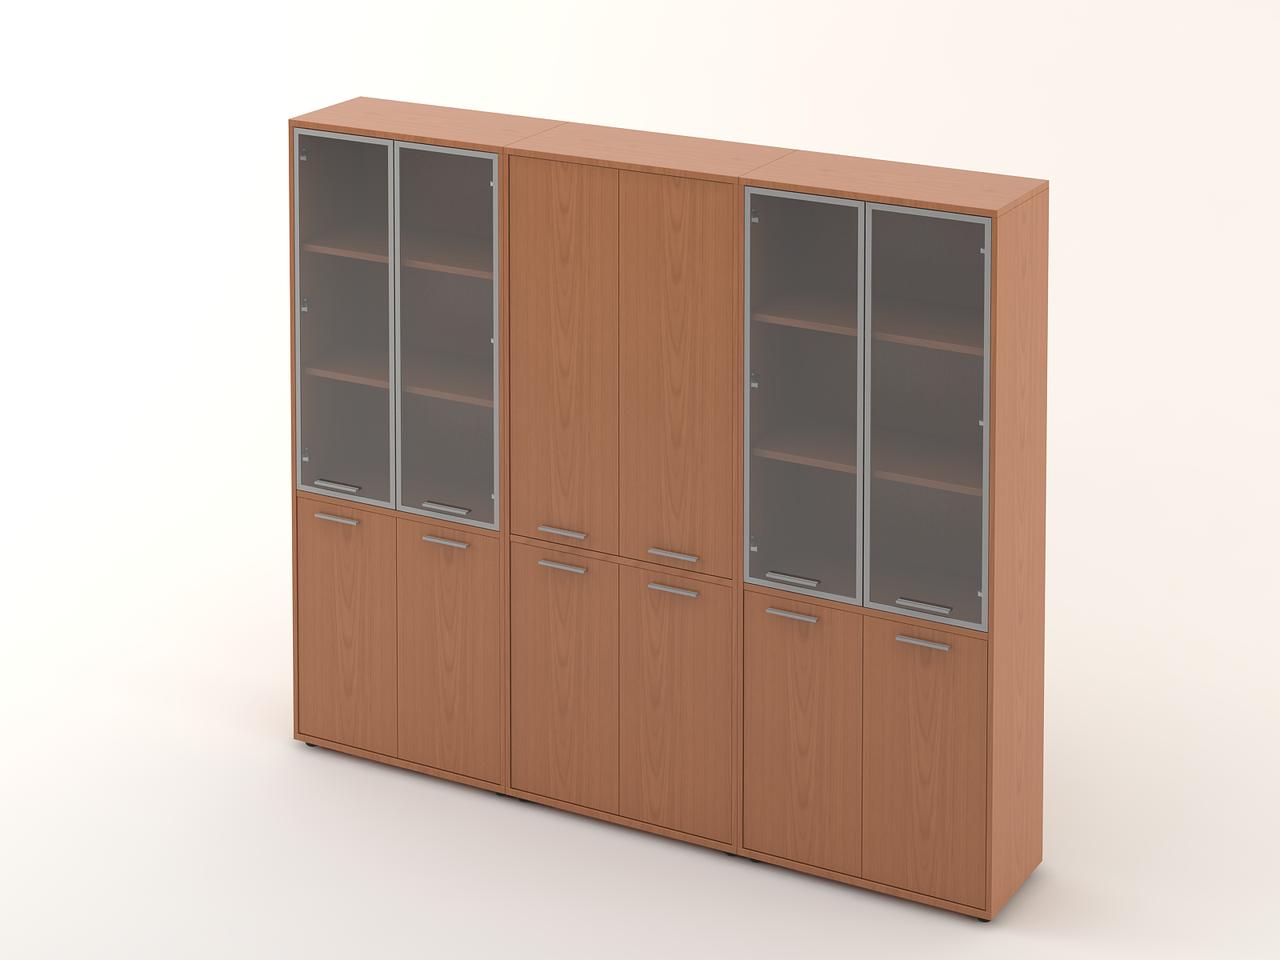 Комплект мебели для персонала серии Техно плюс композиция №18 ТМ MConcept